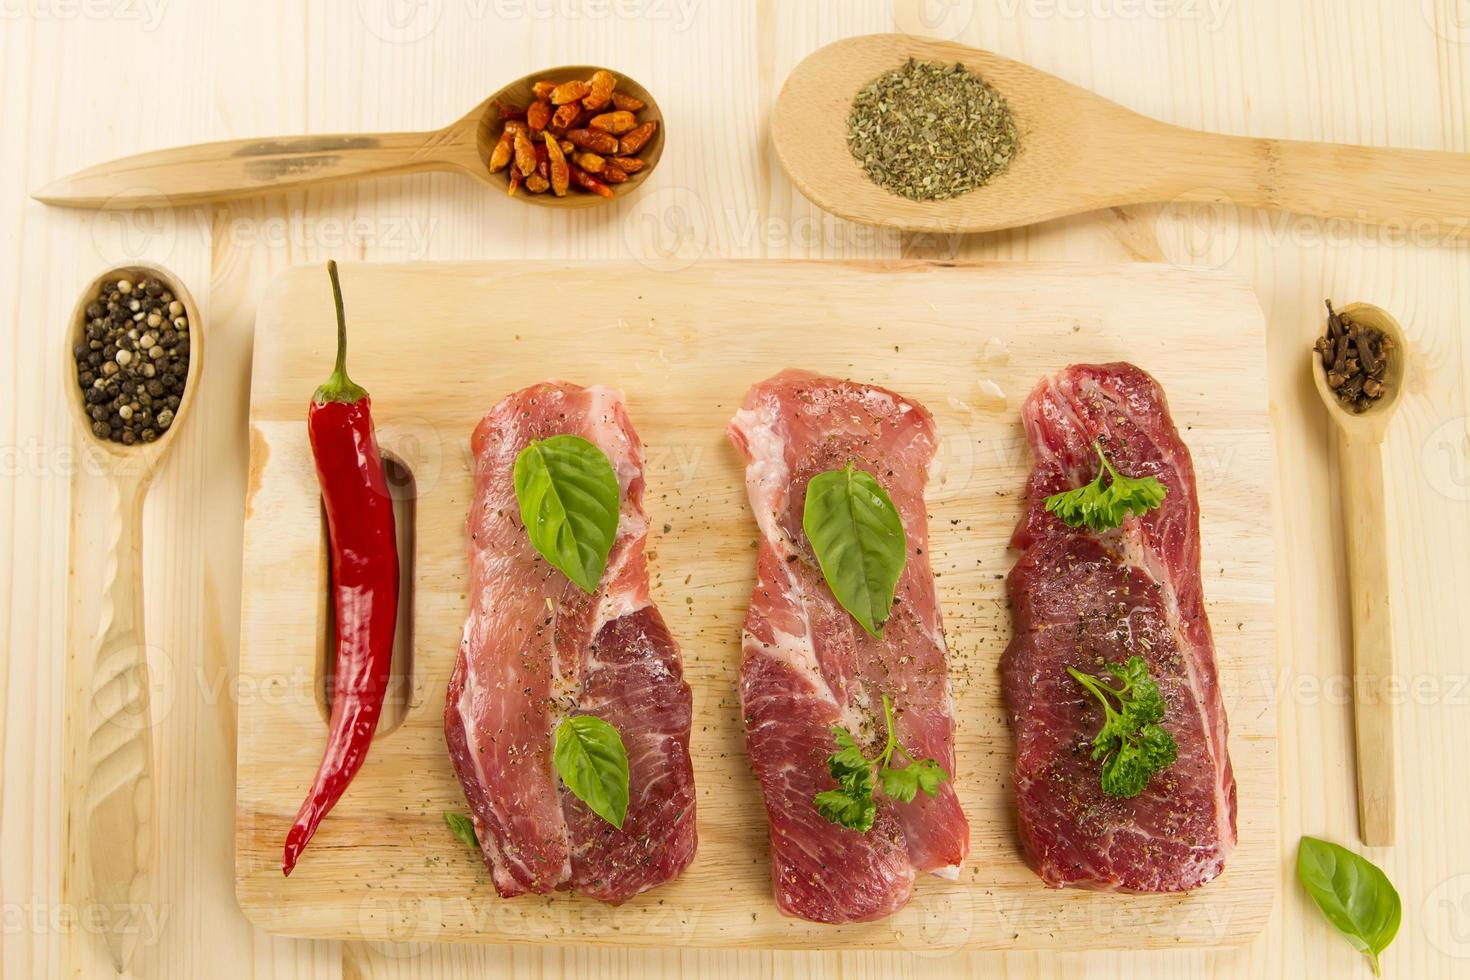 carne de cerdo cruda fresca en tabla de cortar con especias y hierbas foto